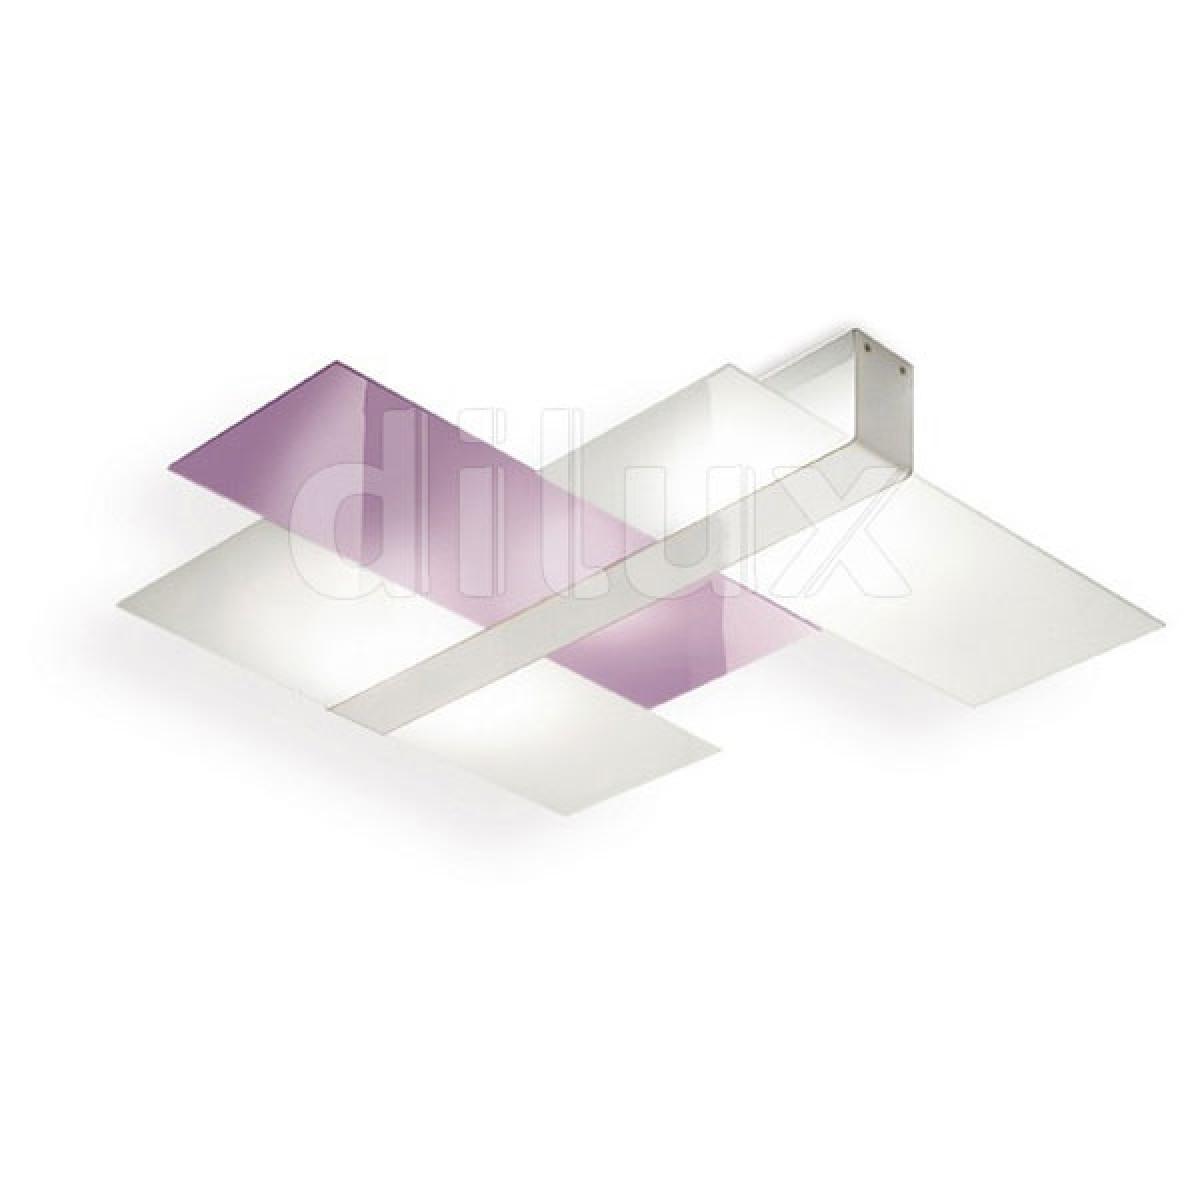 Soffitto Bianco E Parete Colorata: Soffitto bianco e parete colorata un tocco di colore per il tuo.